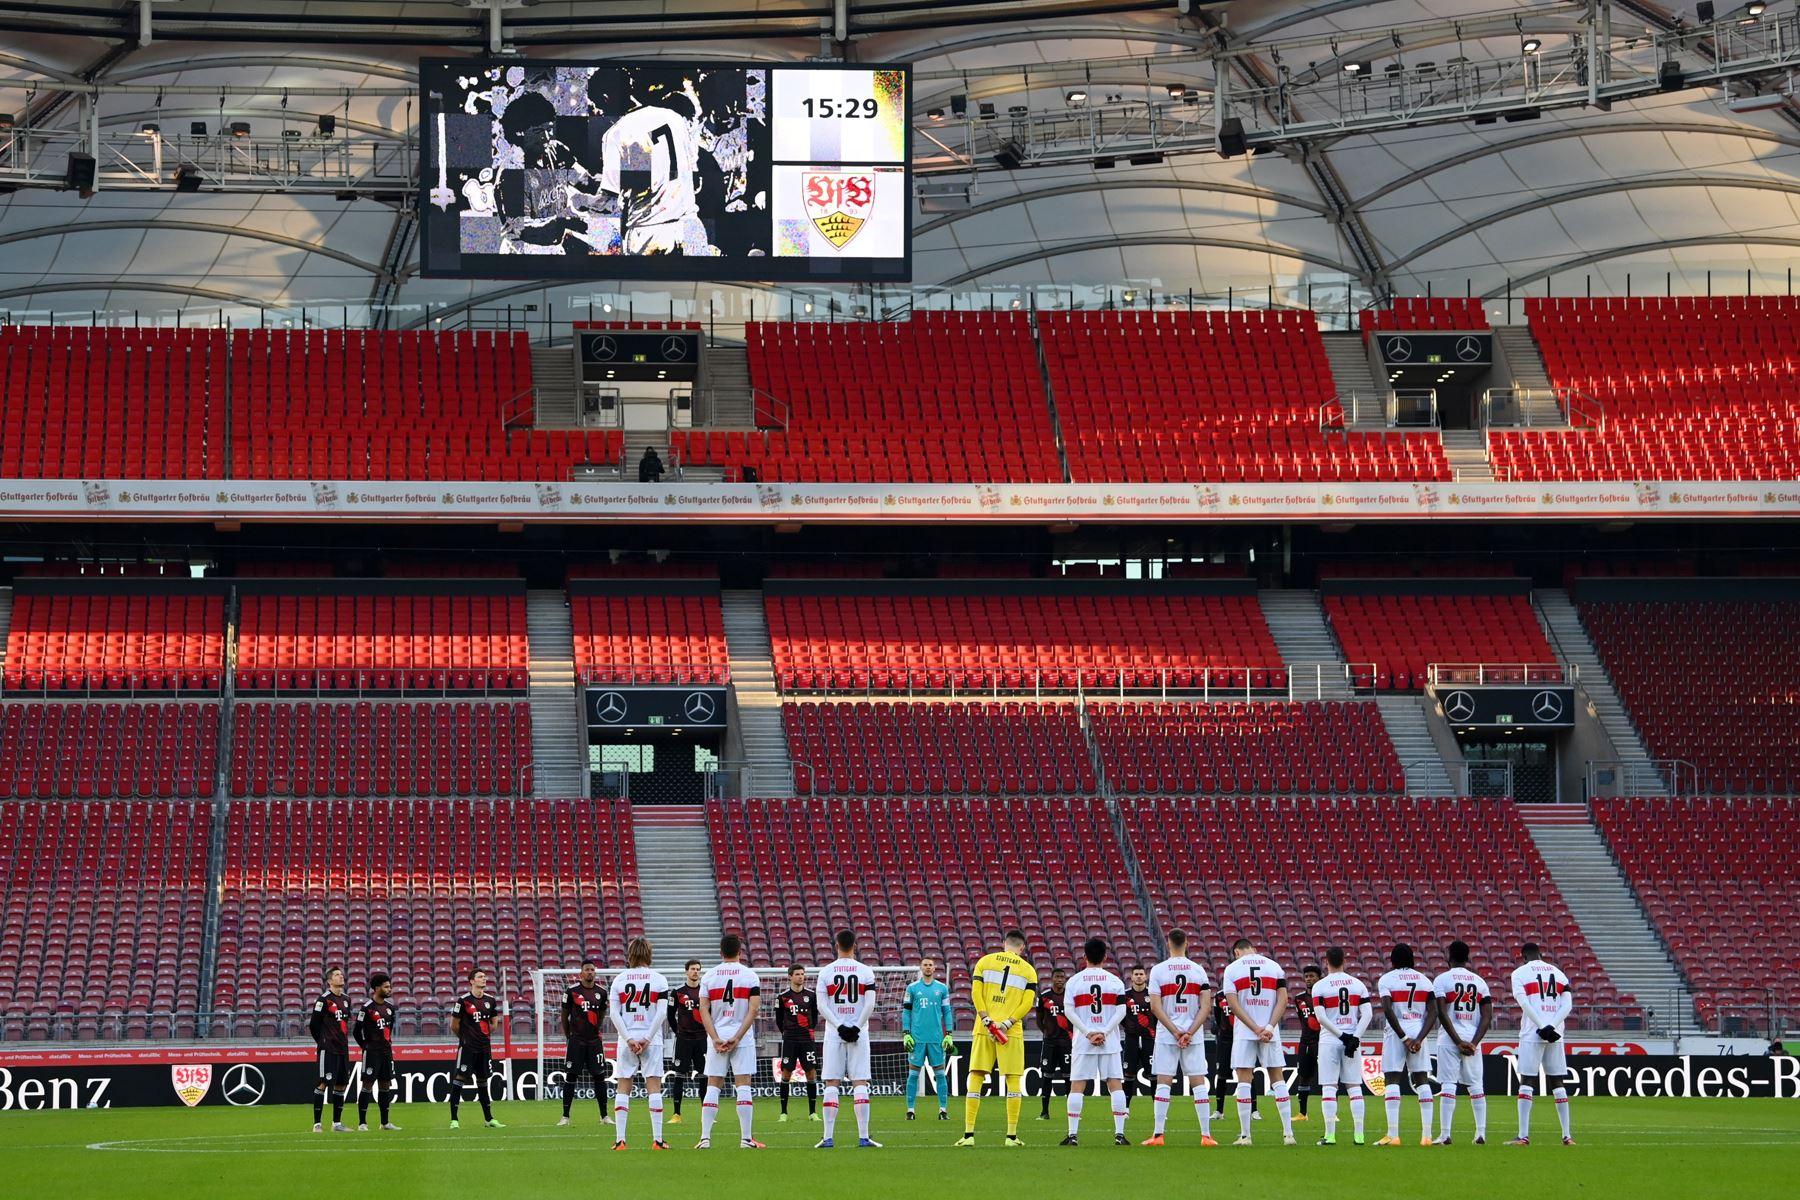 Los jugadores guardan un minuto de silencio en memoria del fallecido astro del fútbol mundial, el argentino Diego Armando Maradona, antes del partido de fútbol de la Bundesliga. Foto: EFE